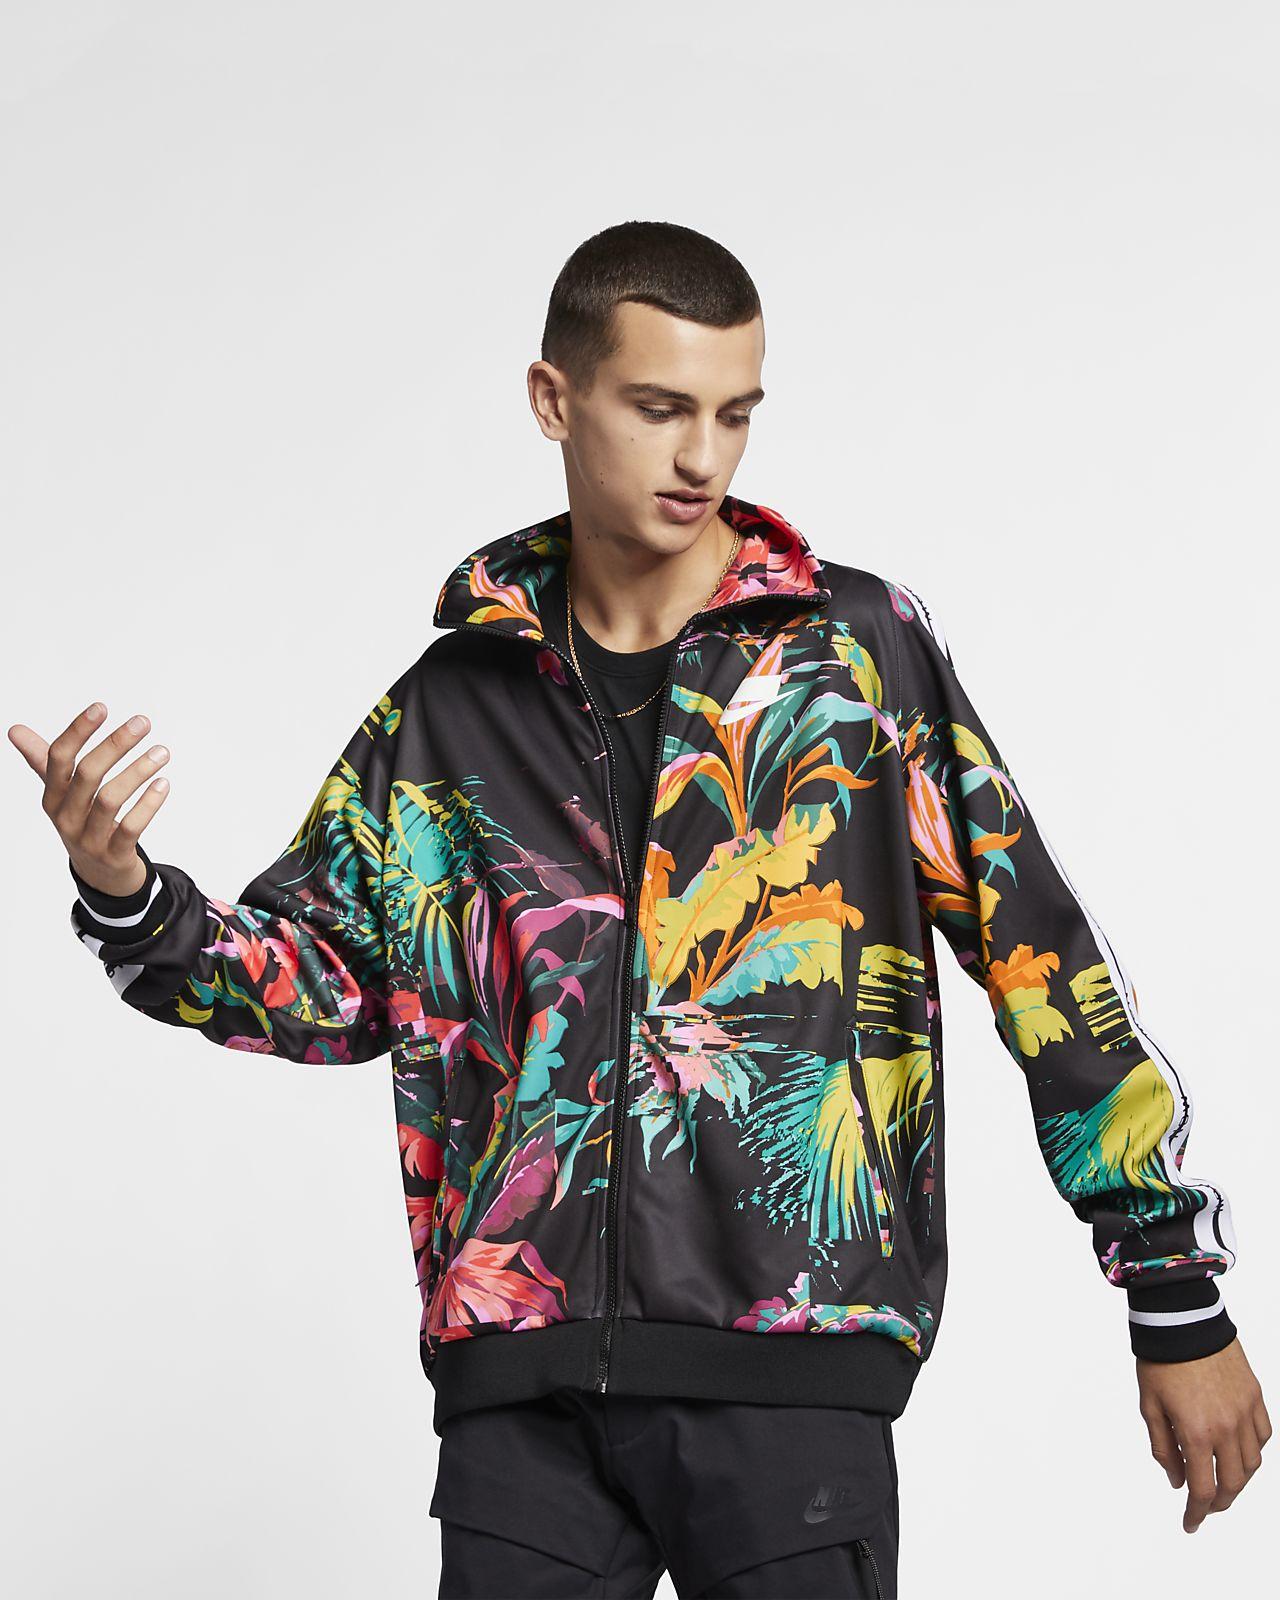 Imprimée Sportswear Survêtement Veste Homme Nike Pour De Nsw Hxfcww4qEI